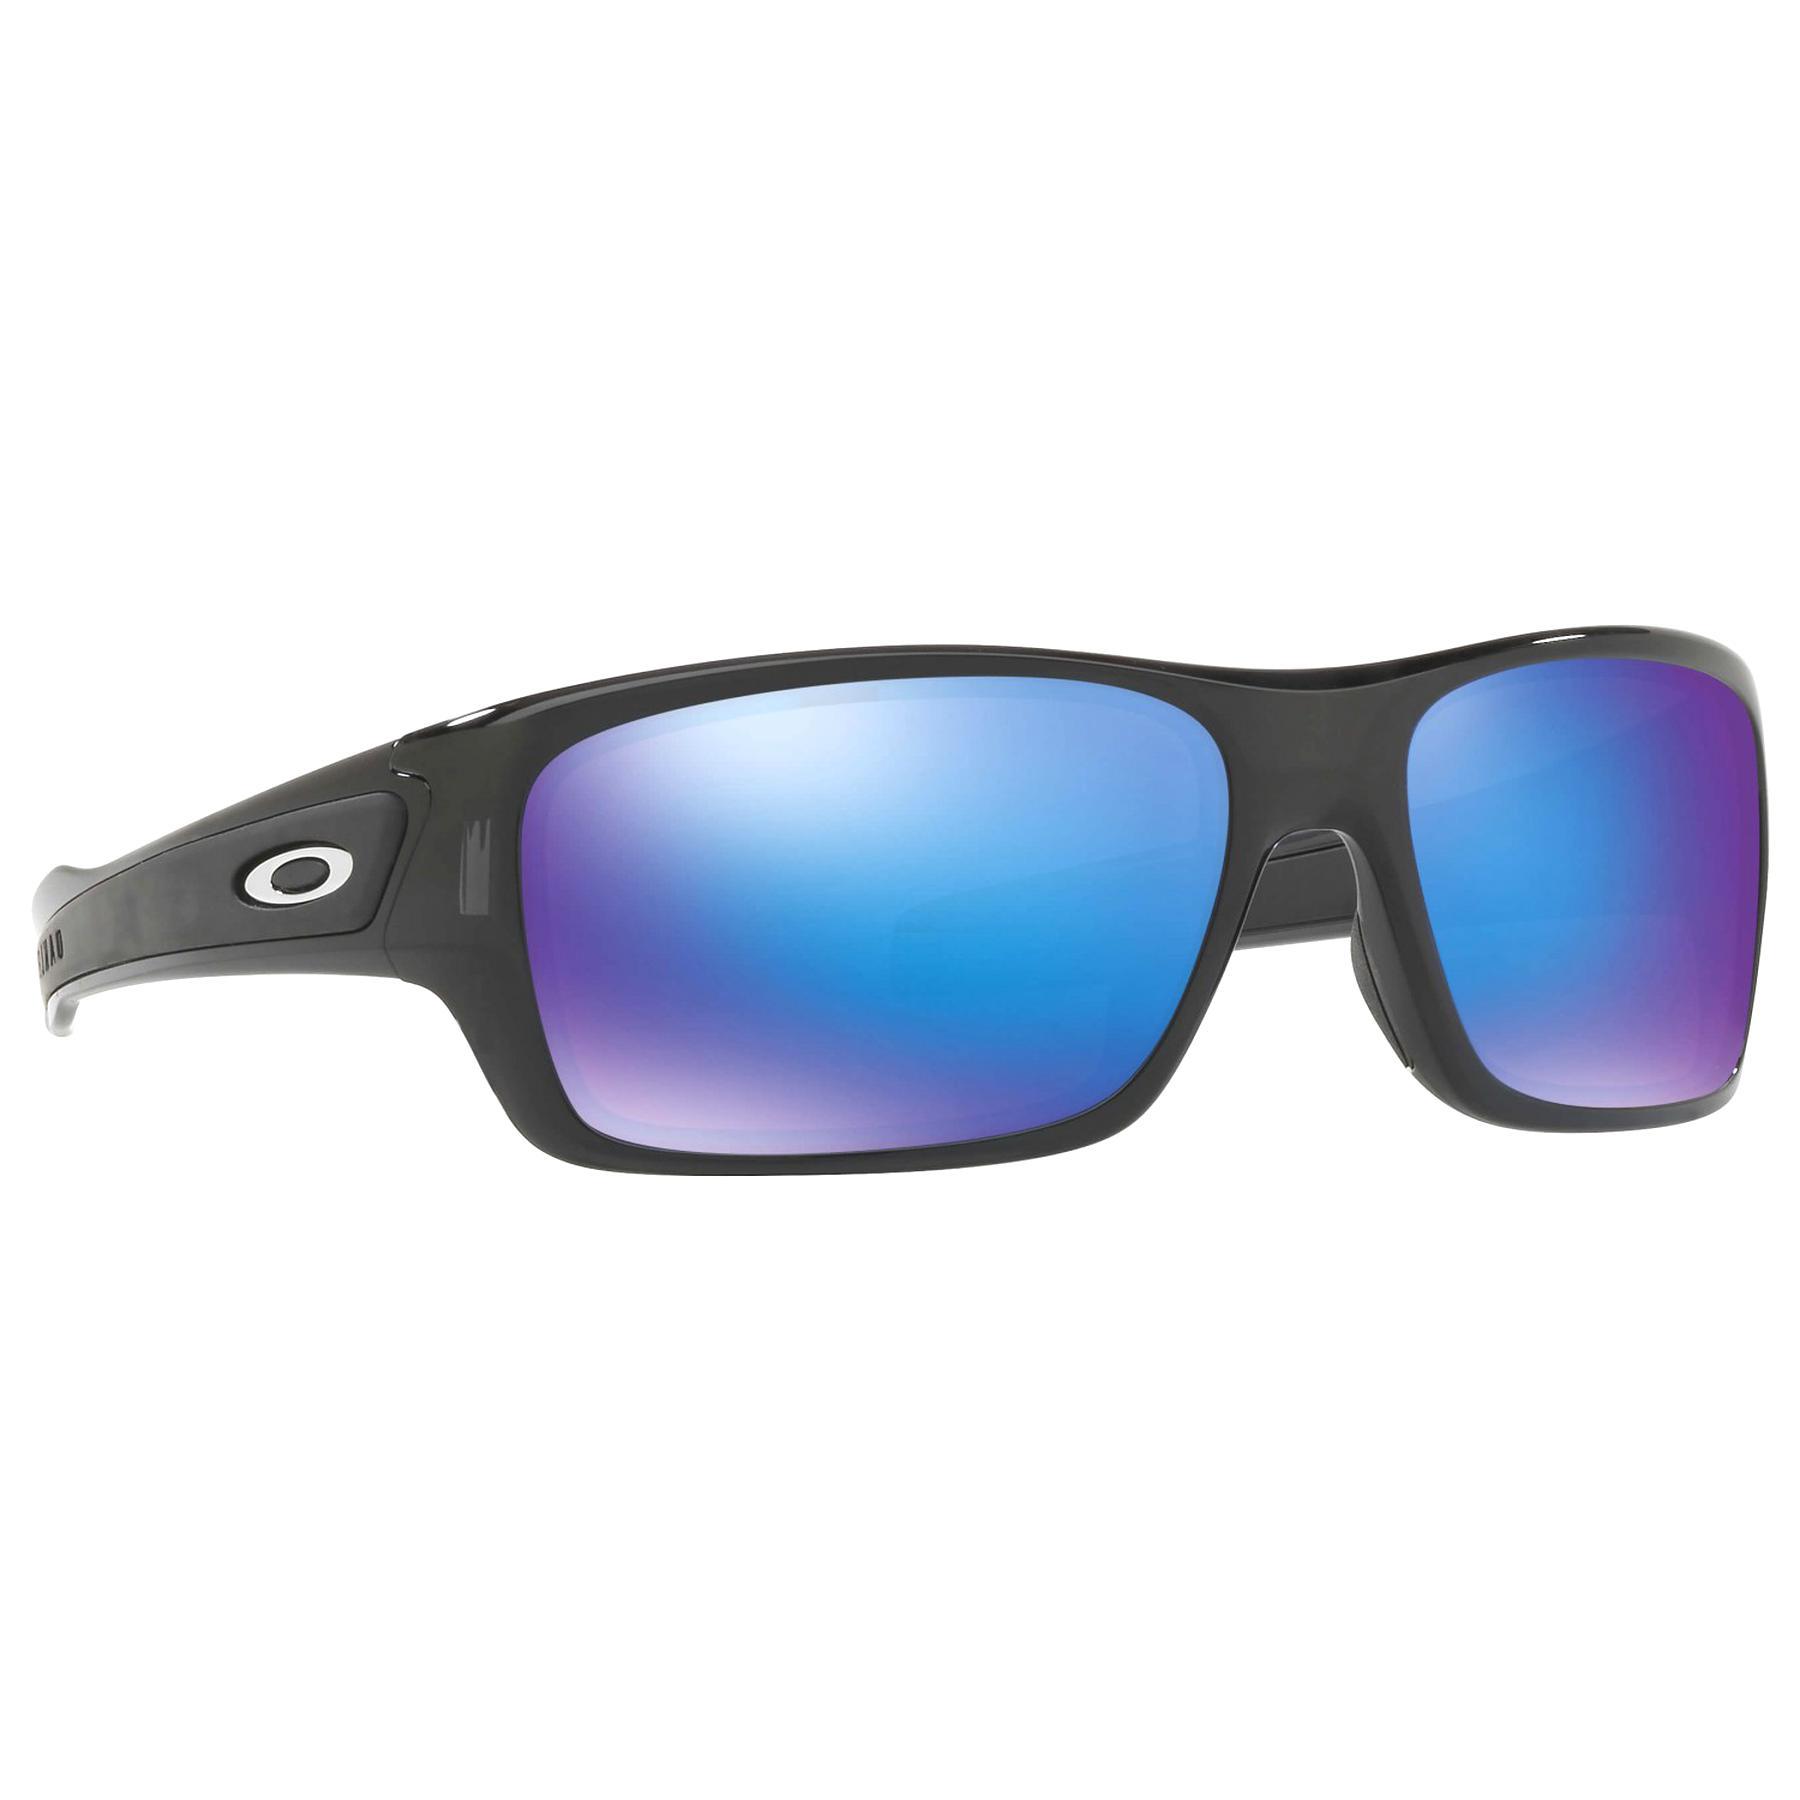 oakley sonnenbrille iridium gebraucht kaufen